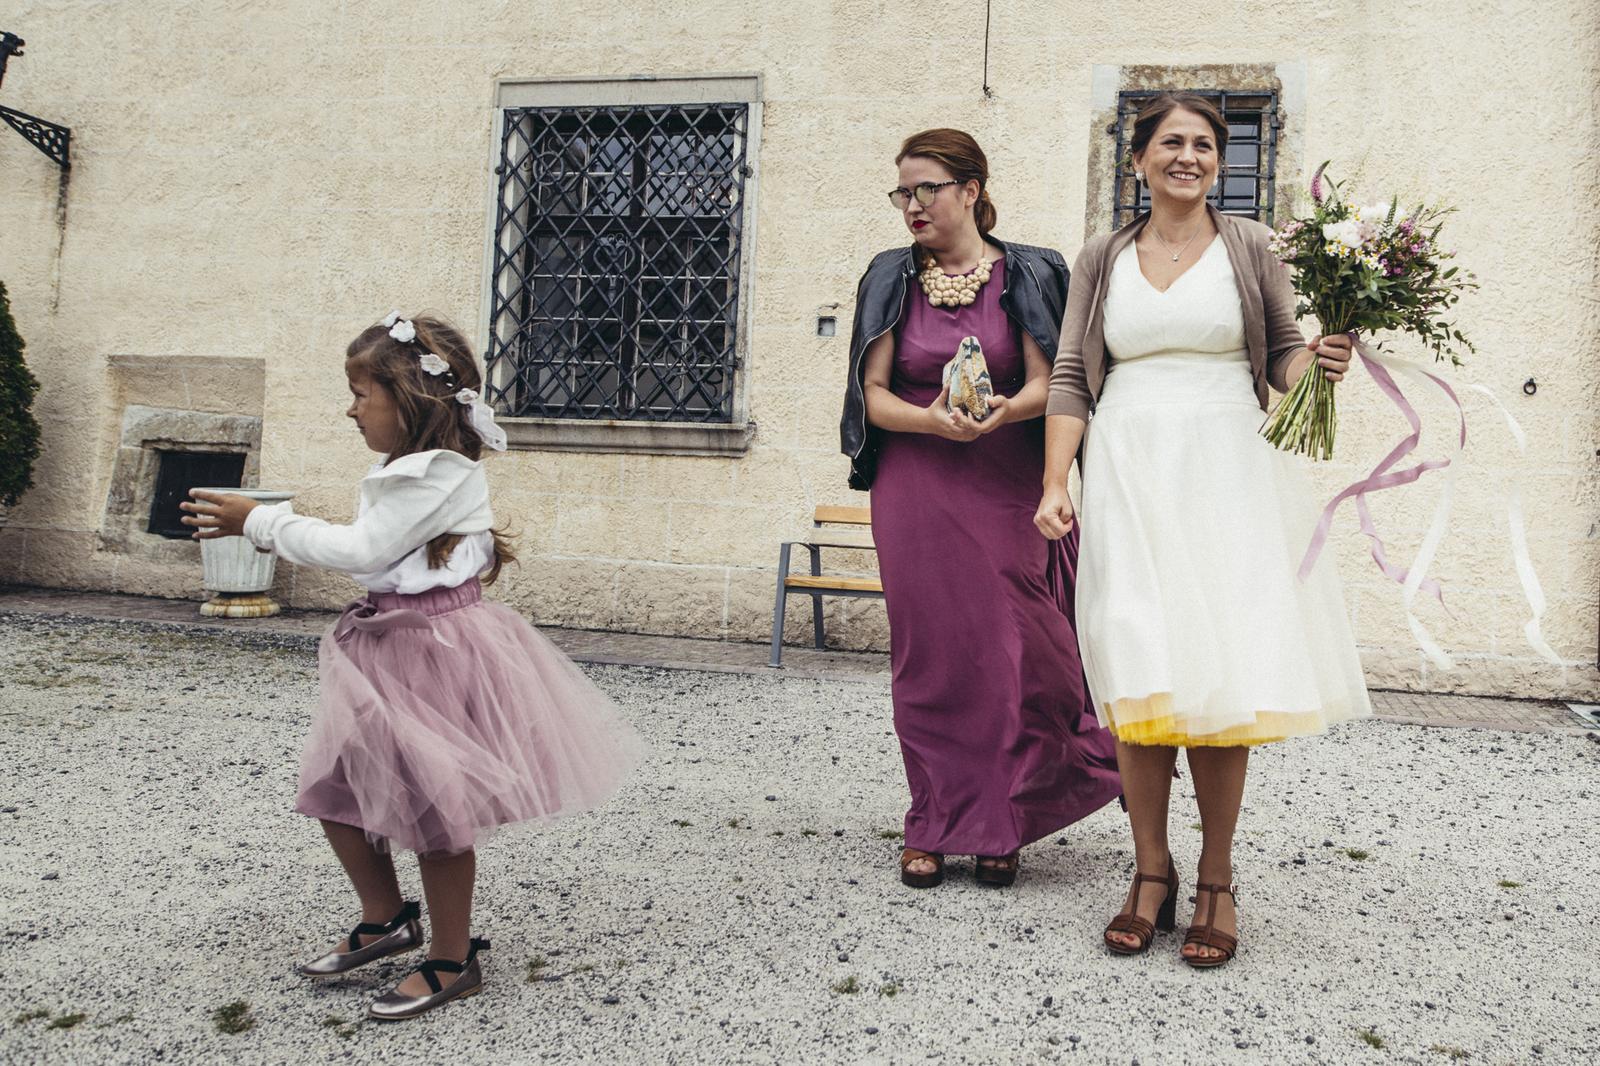 peter_a_lucia - Krátke svadobné šaty s farebnou spodnicou, šaty pre družičku, detská tylová Lo-OK sukňa